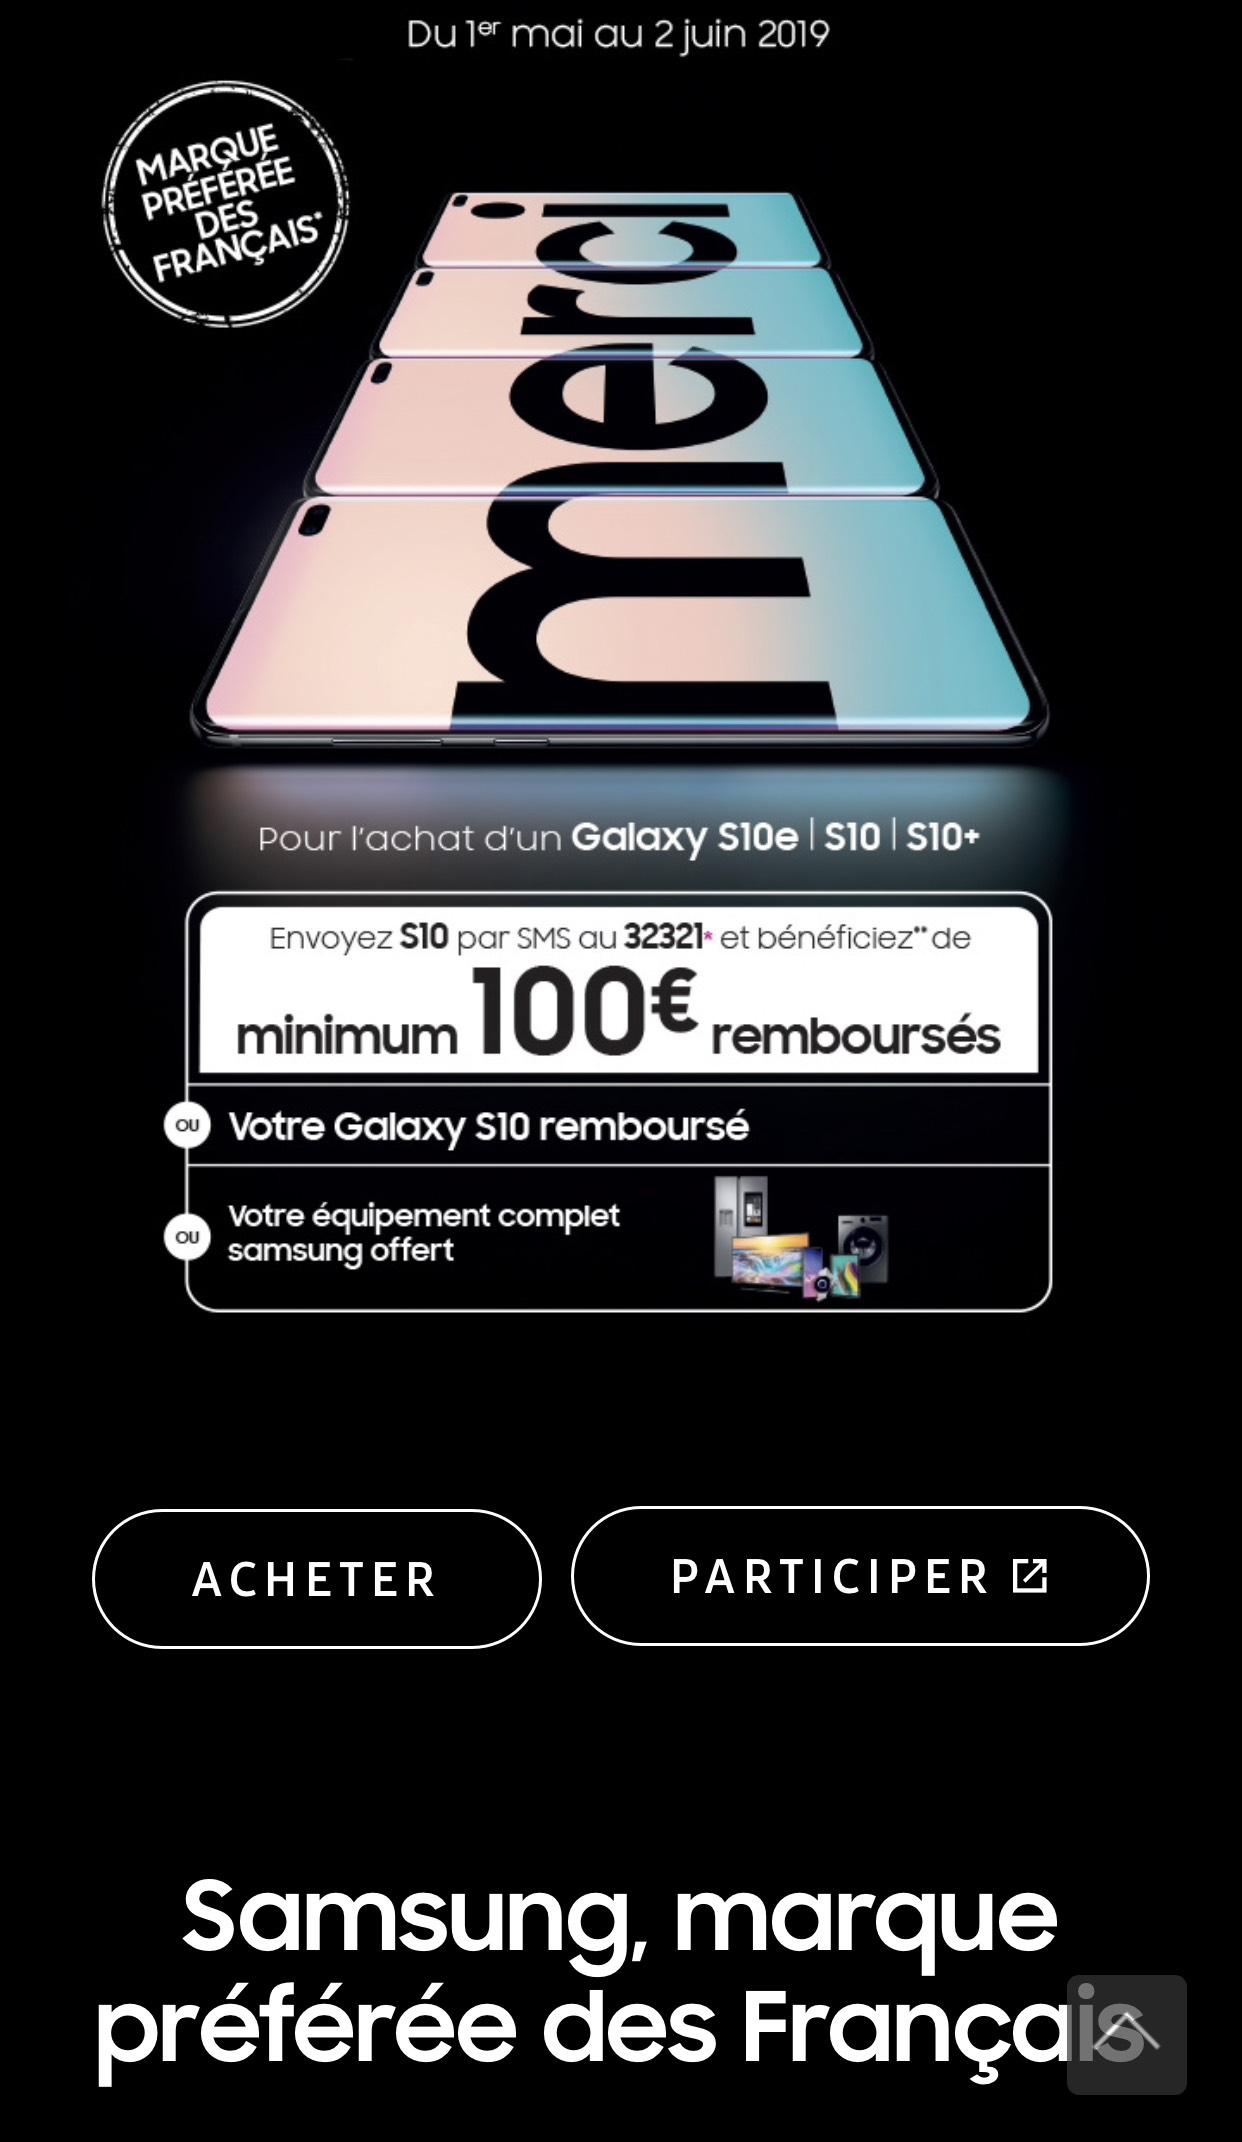 100€ remboursé pour l'achat d'un S10, S10e ou S10+ ou possibilité de gagner un téléphone (via 100€ d'ODR)